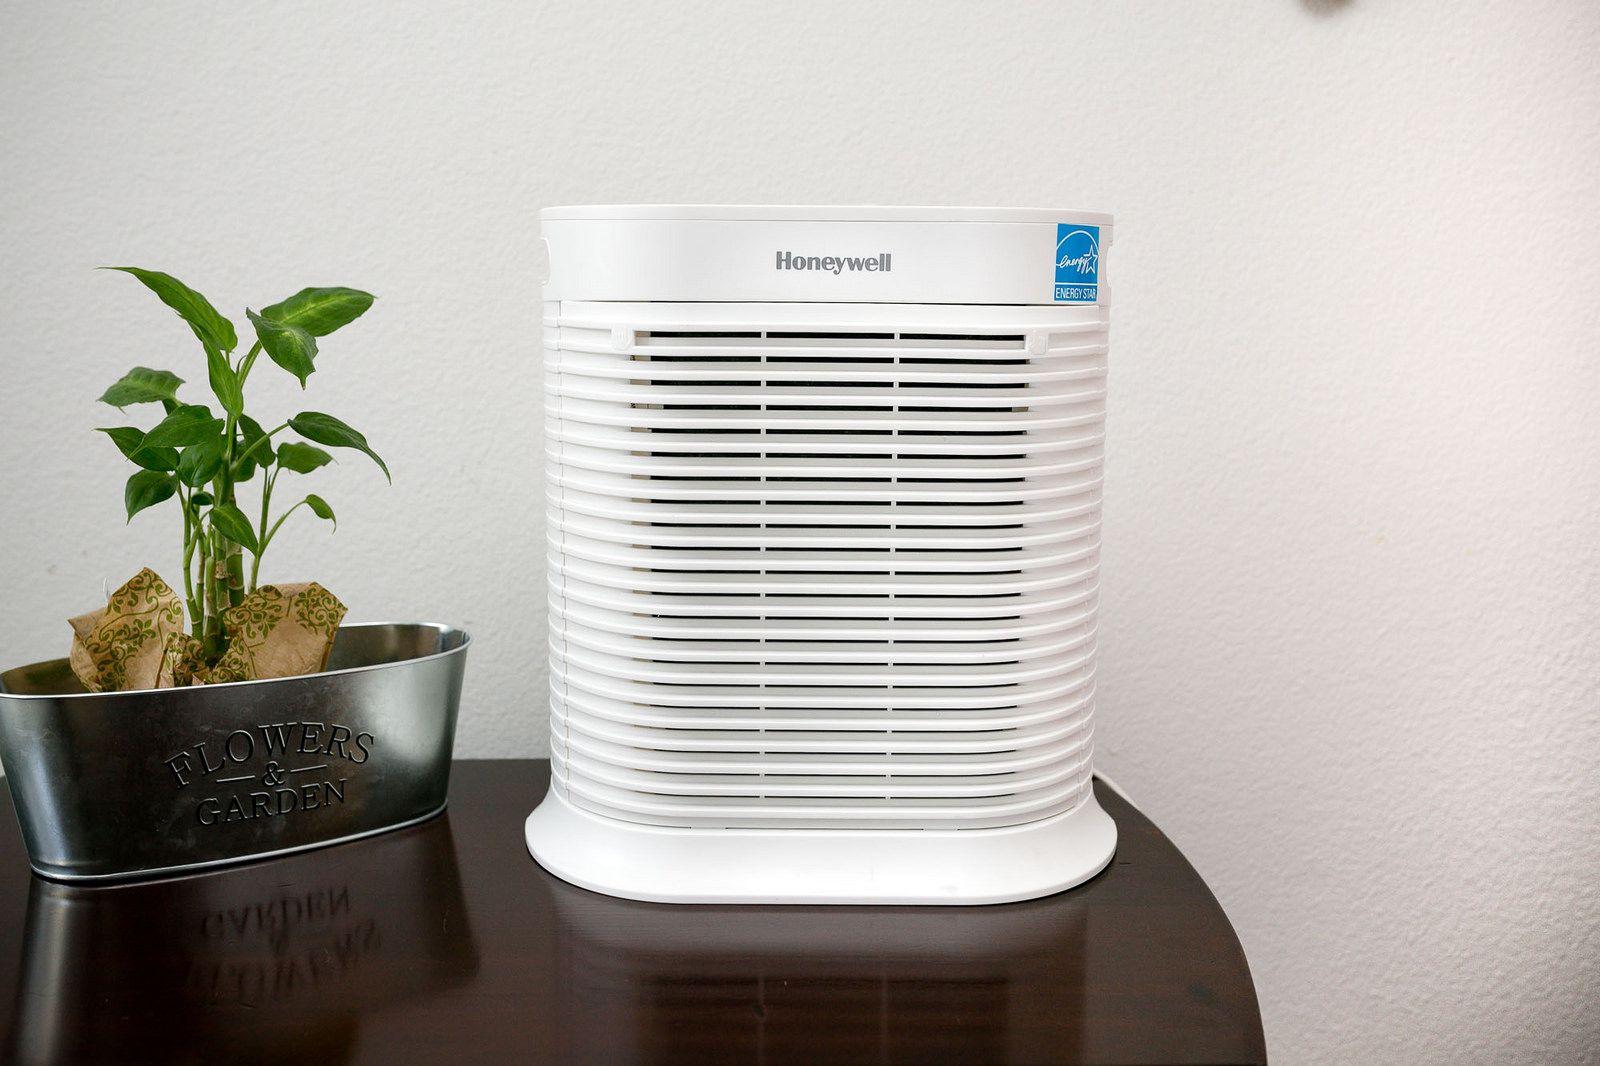 Класация на най-добрите пречистватели на въздуха през 2020 г.